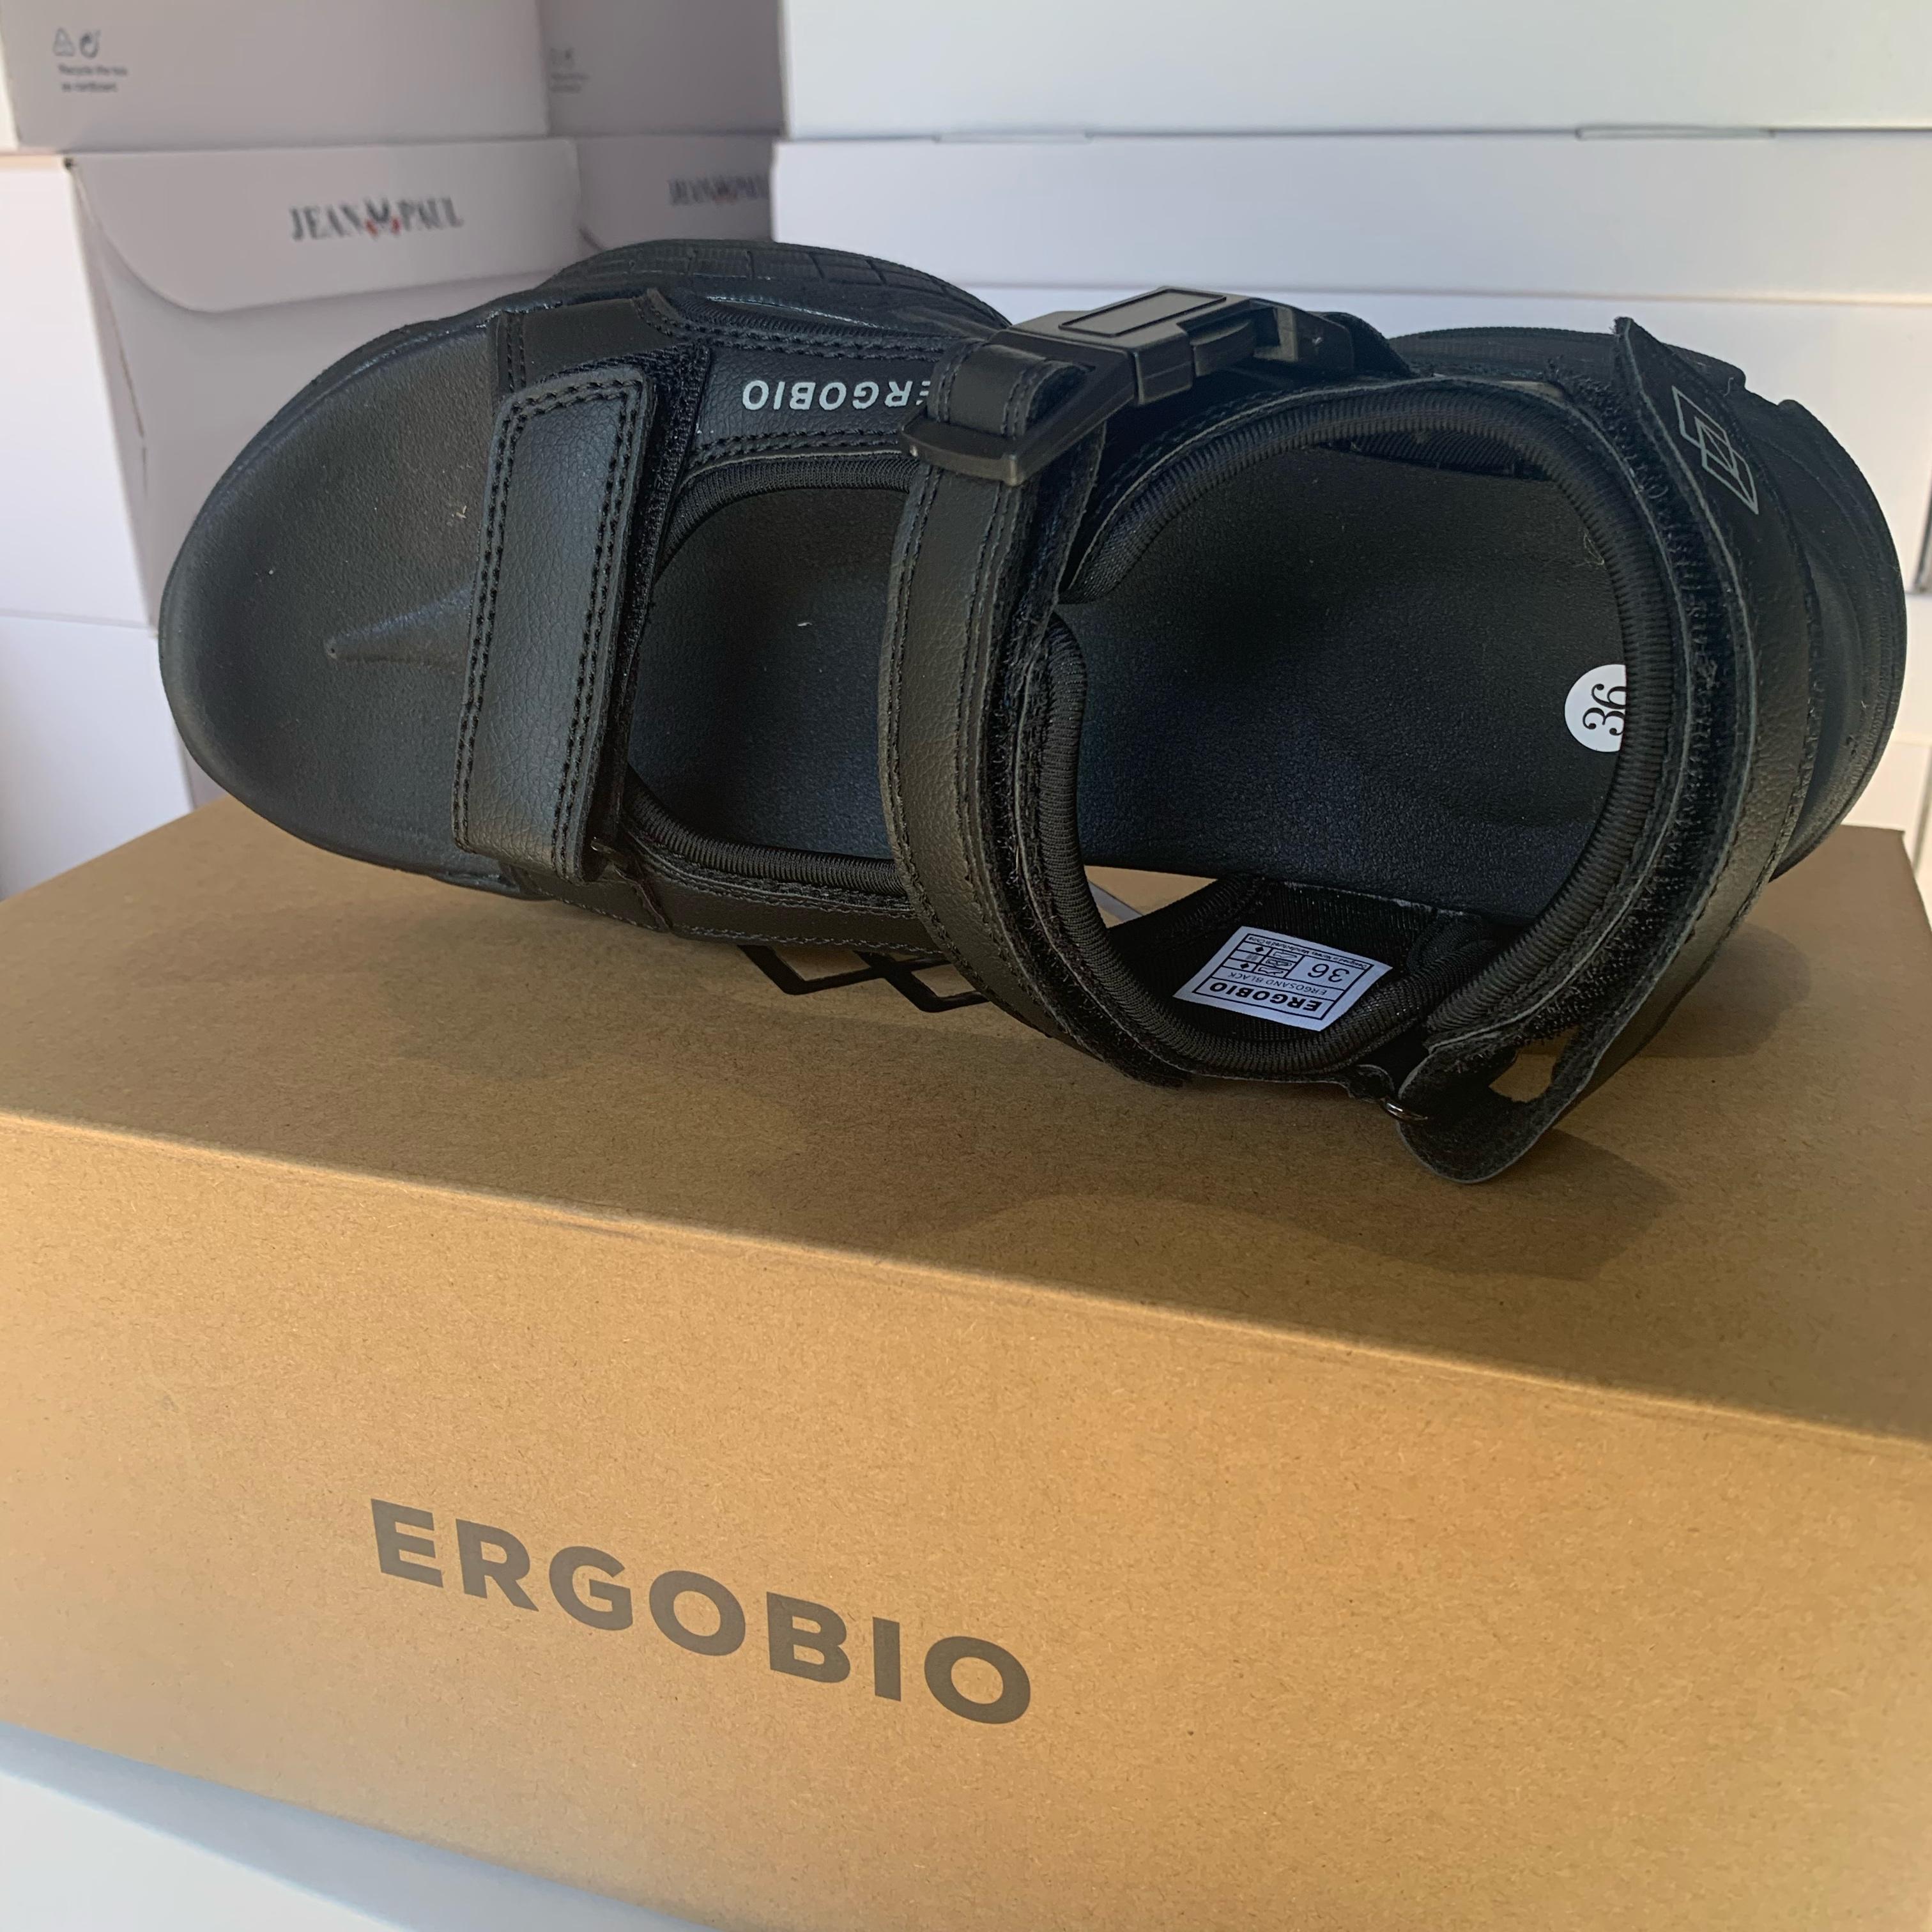 ergobio ergosand black4